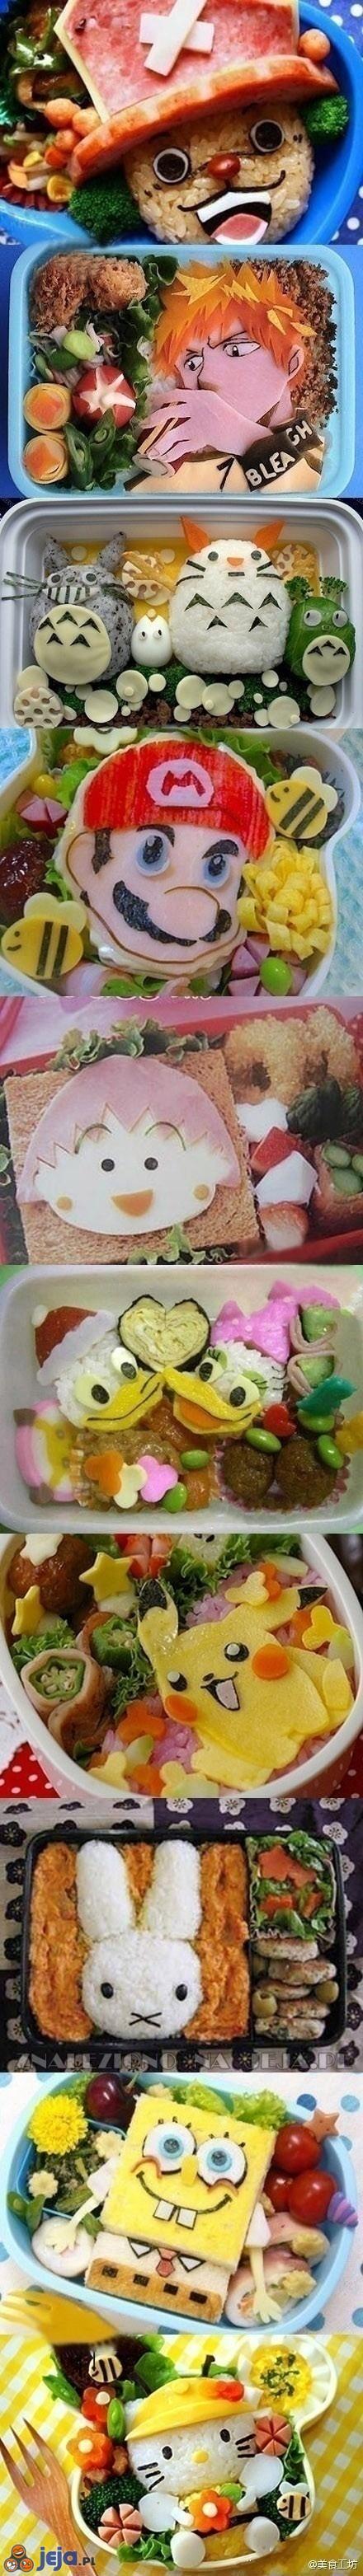 Nie mogę tego zjeść!